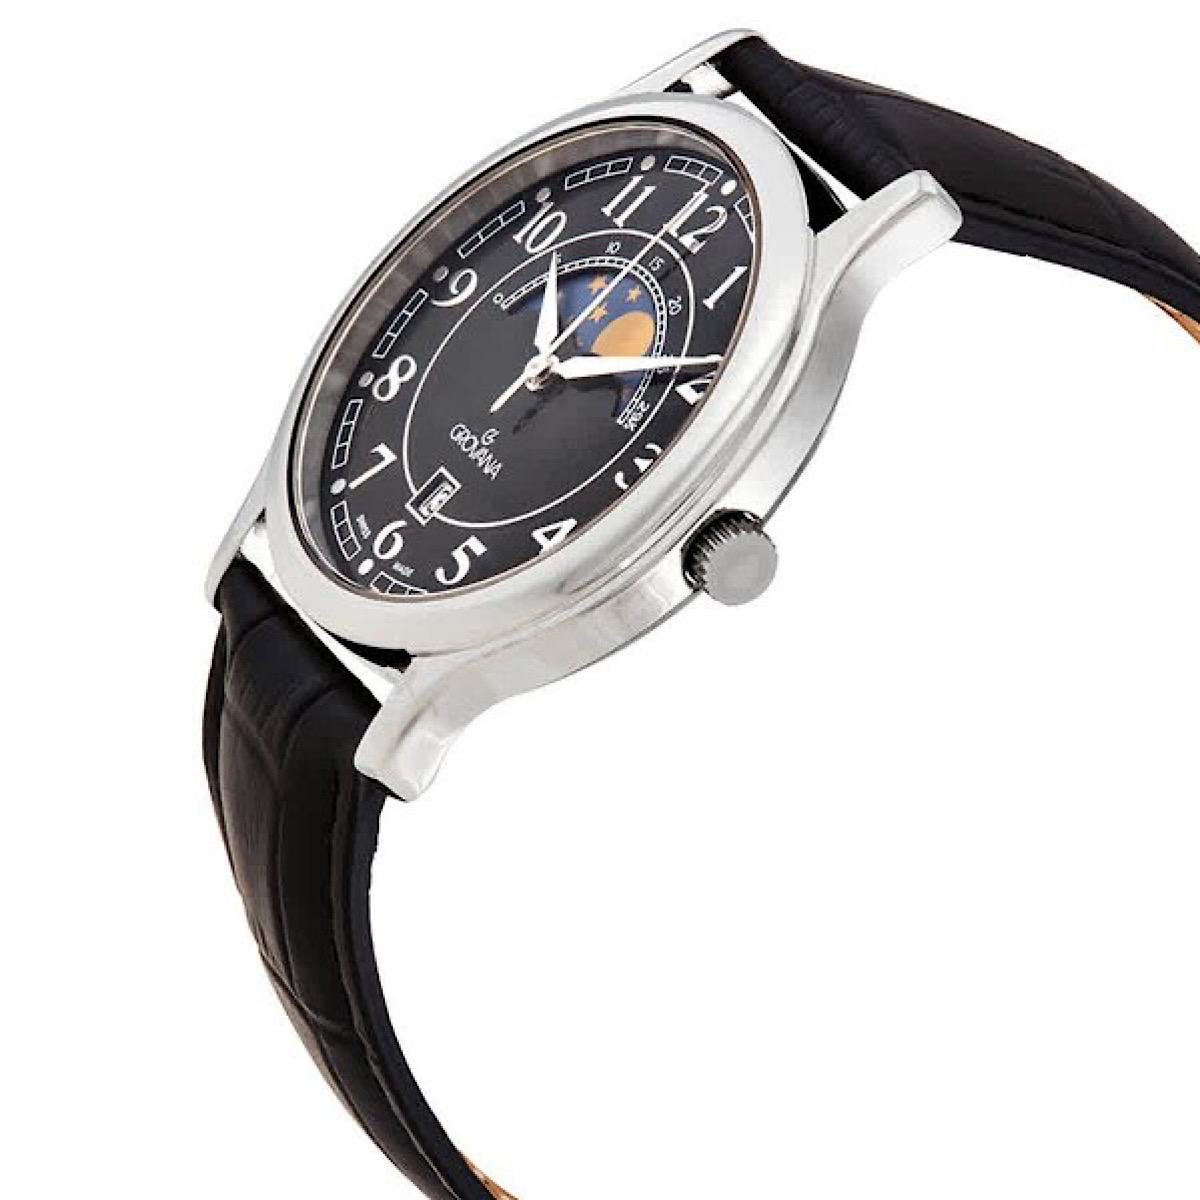 خرید                                      ساعت مچی عقربه ای مردانه گرووانا مدل Moonphase 1026-1537